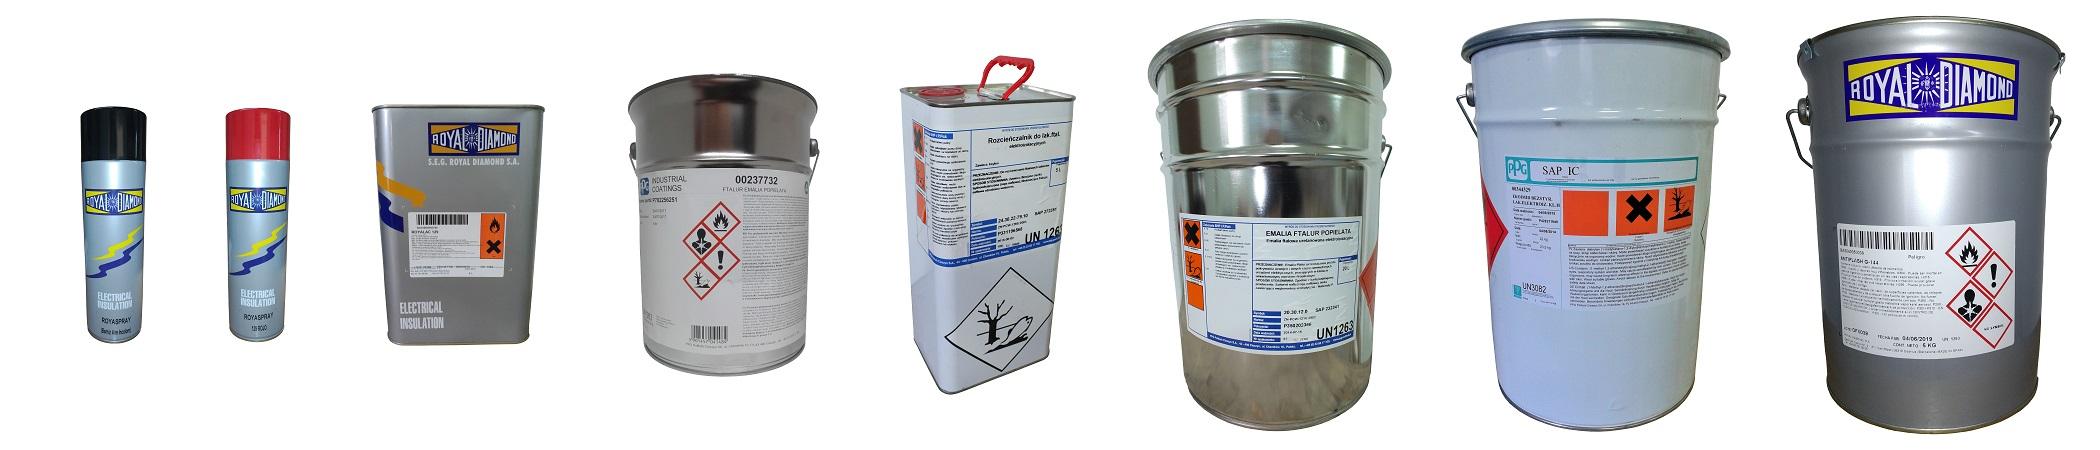 Lakier elektroizolacyjny, lakier do silnika elektrycznego, lakier piecowy, spray elektroizolacyjny, elektroizolacja w sprayu